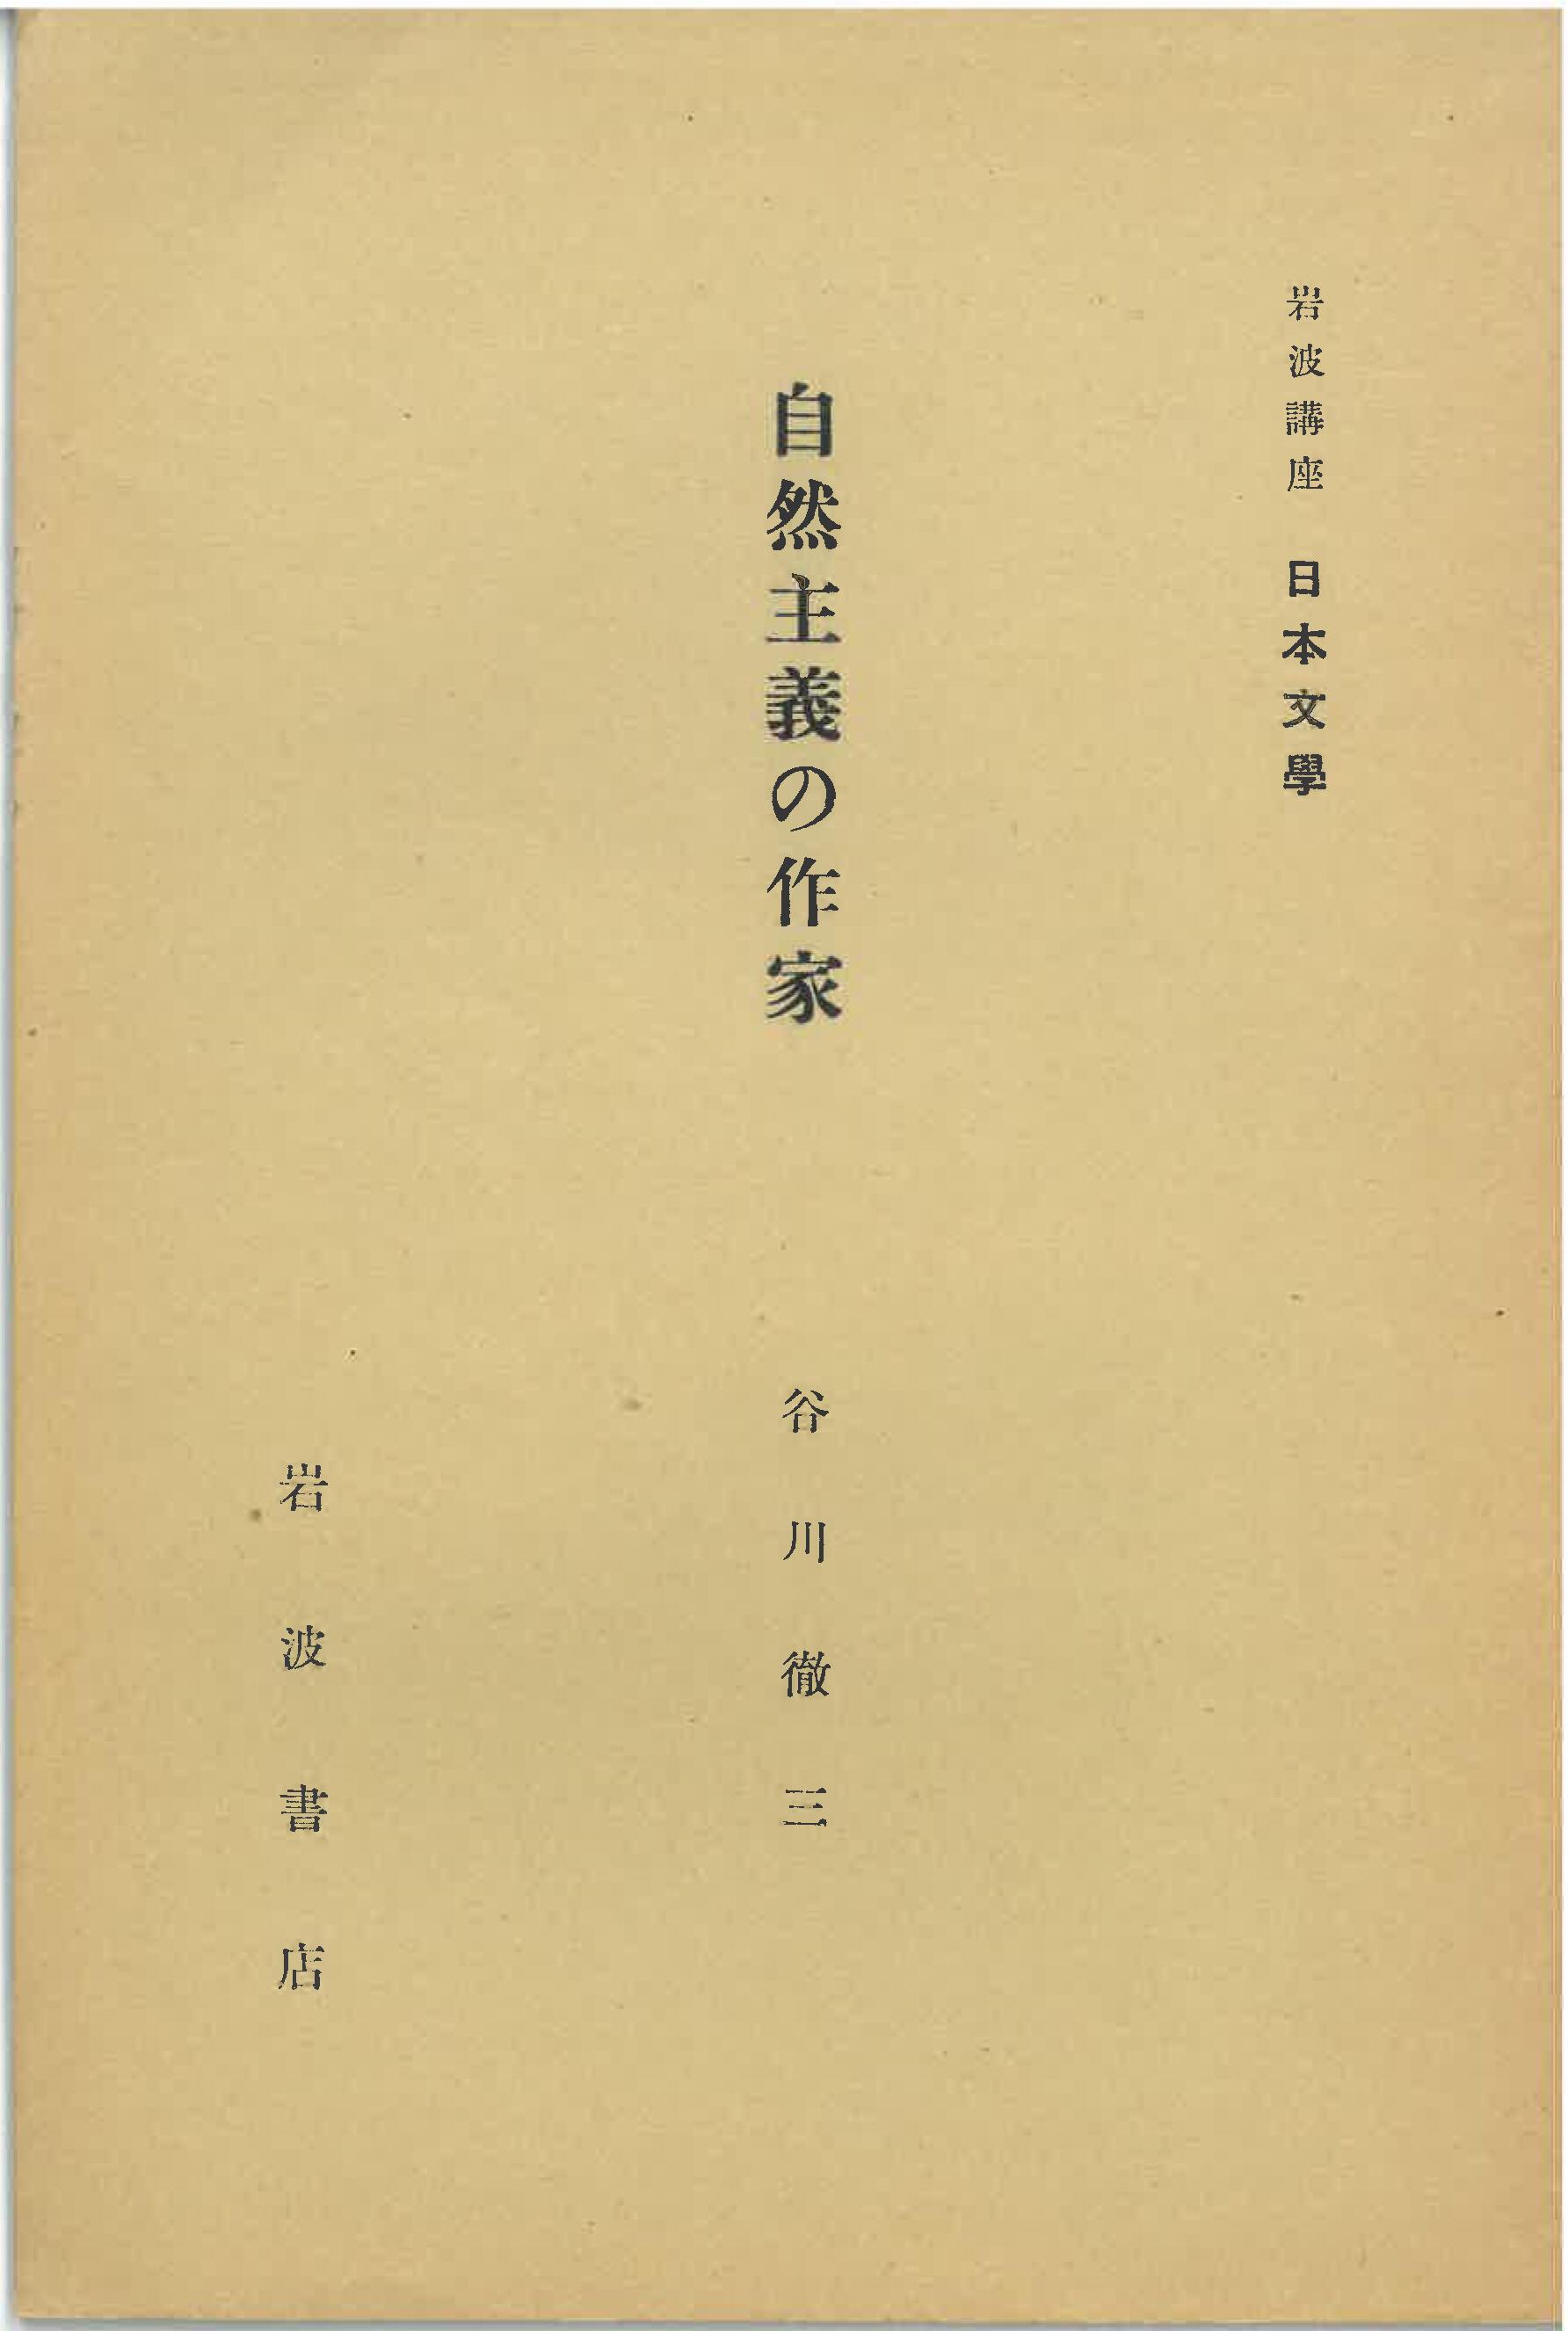 谷川徹三『自然主義の作家』.jpg